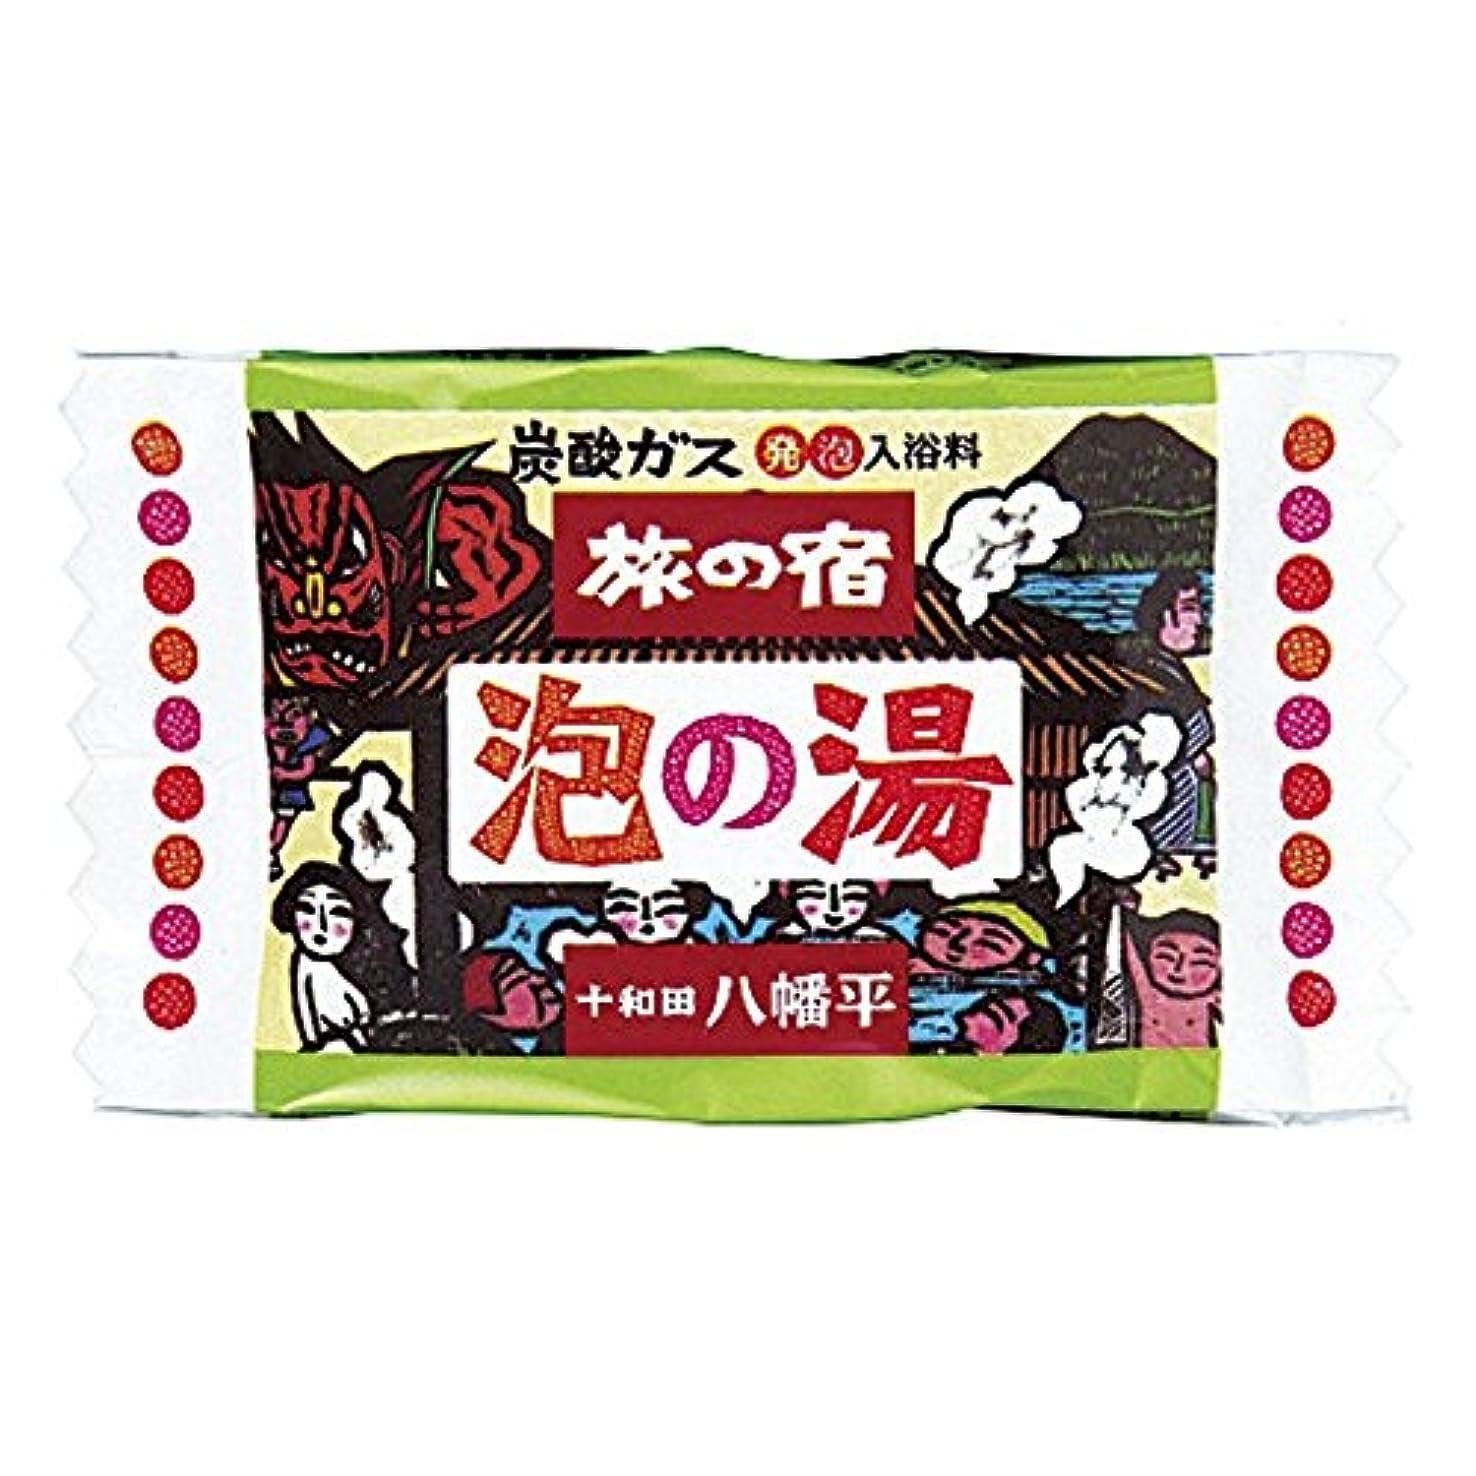 活性化フリース投げるクラシエ 旅の宿 (泡)1P 十和田八幡平 82439 (B529-05)